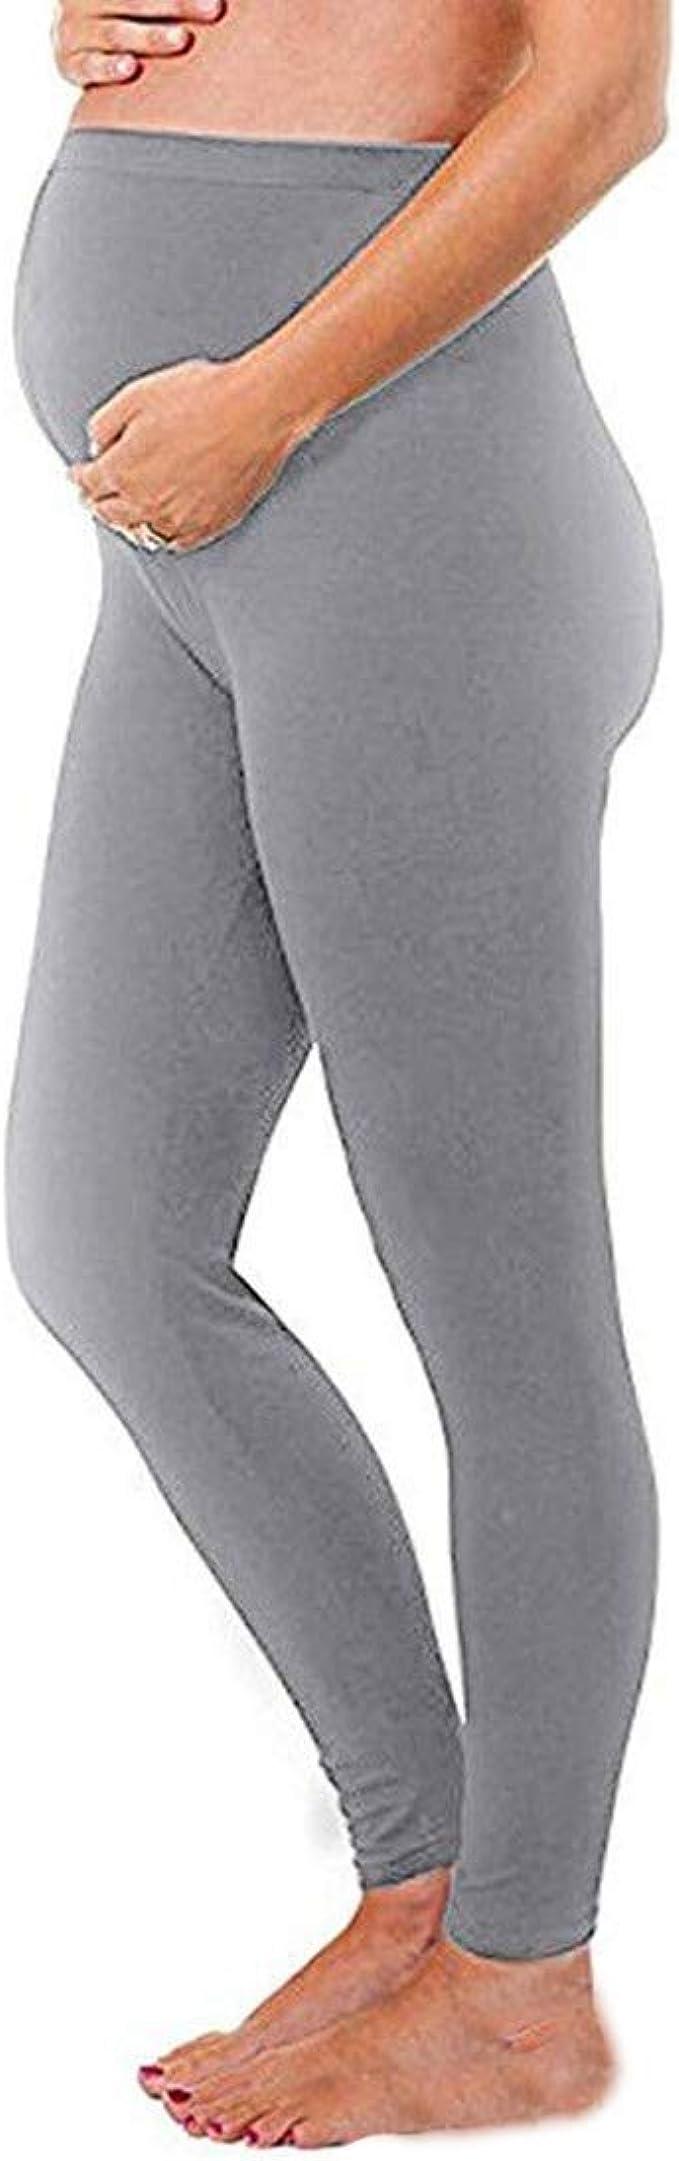 Grossesse Leggings pantalon de maternité grossesse grossesse pantalon